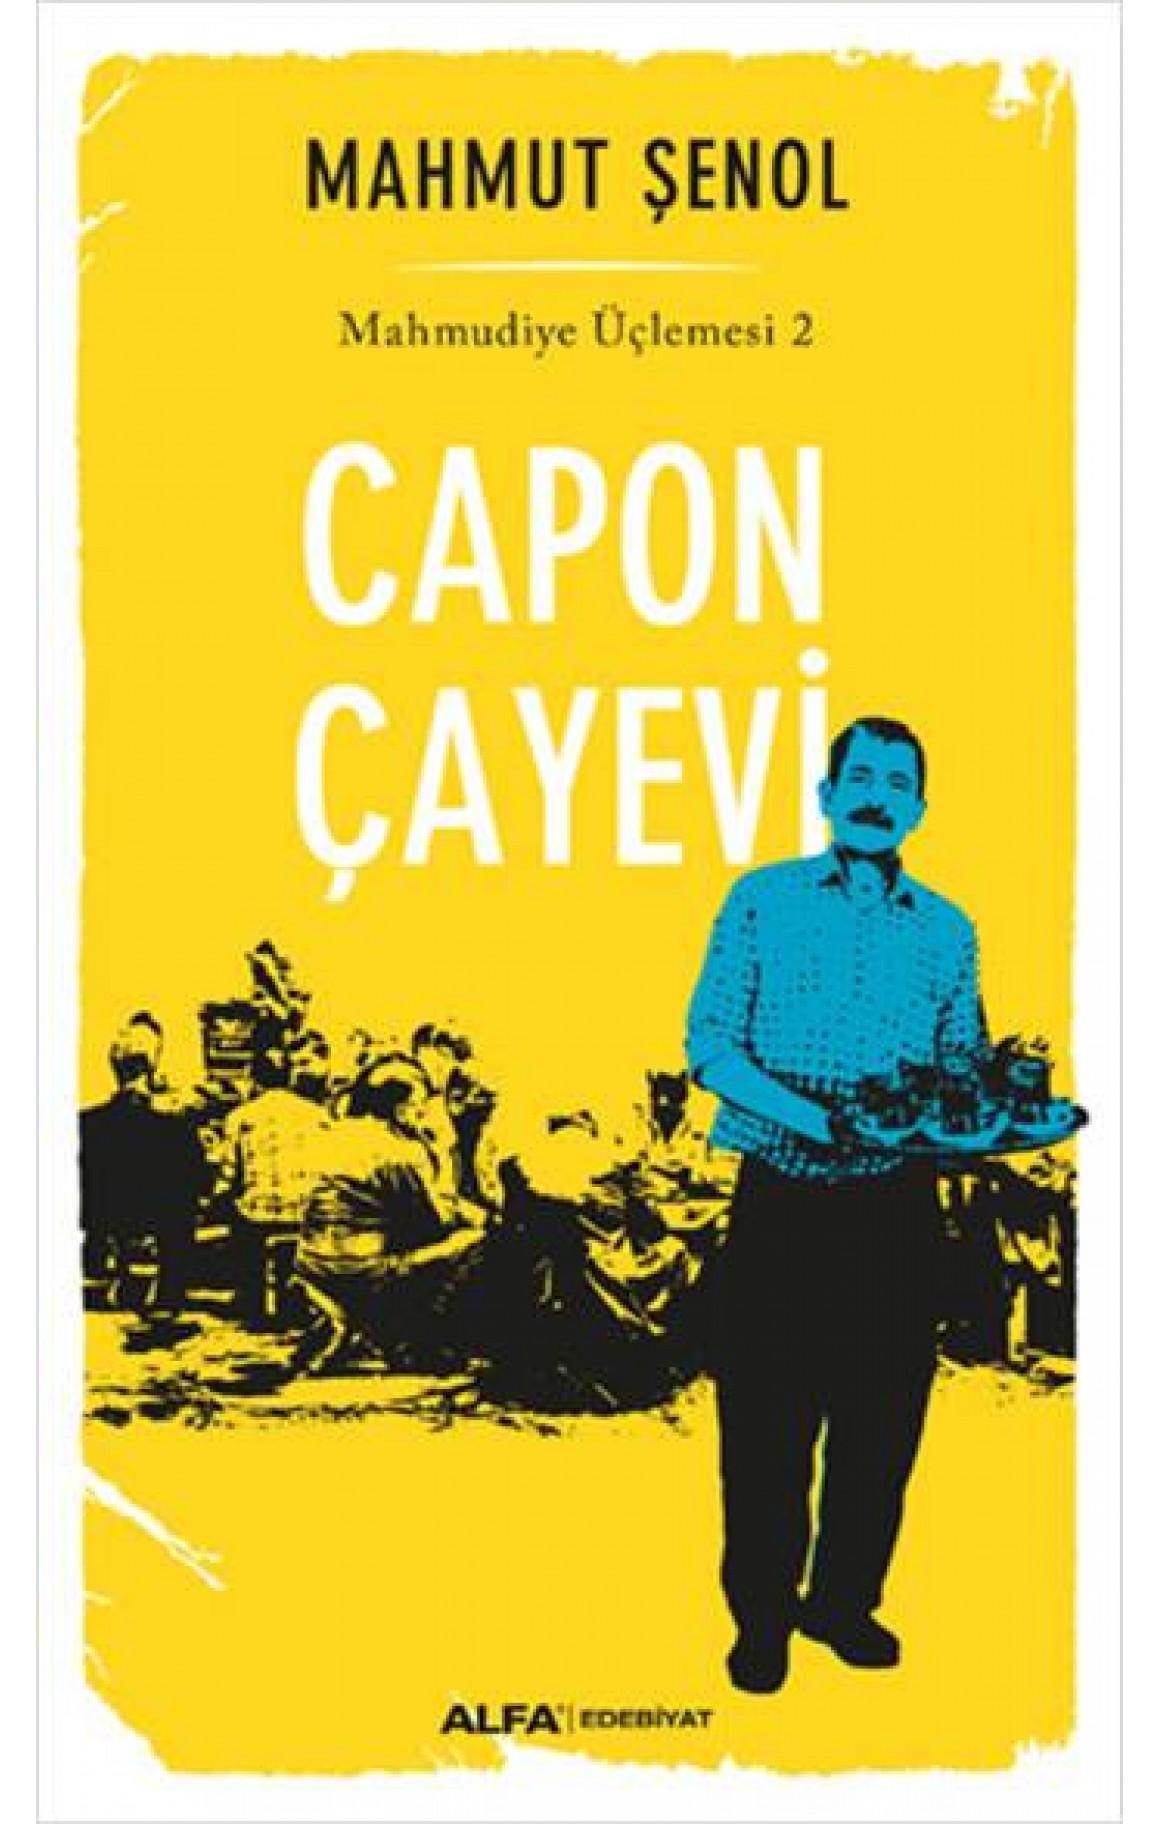 Capon Çayevi - Mahmudiye Üçlemesi 2